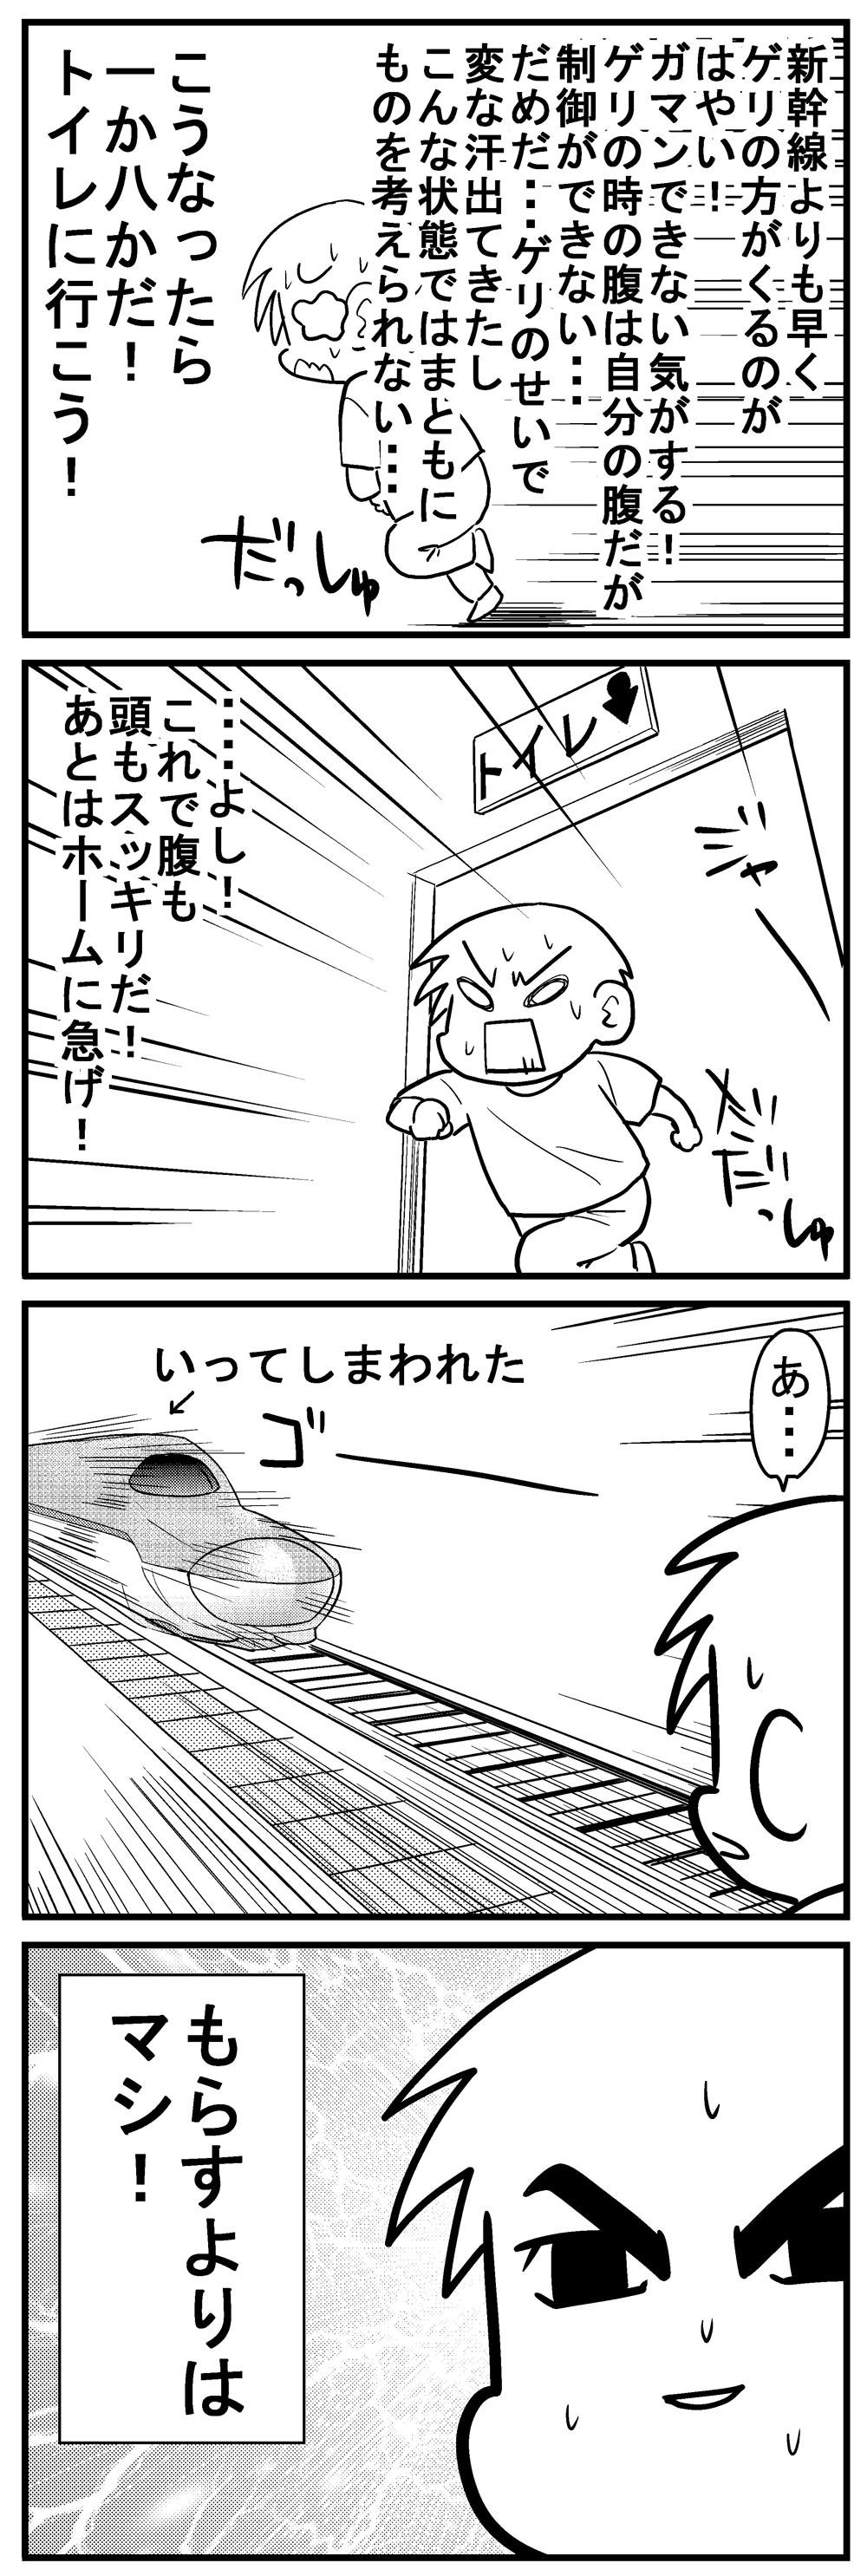 深読みくん89-2